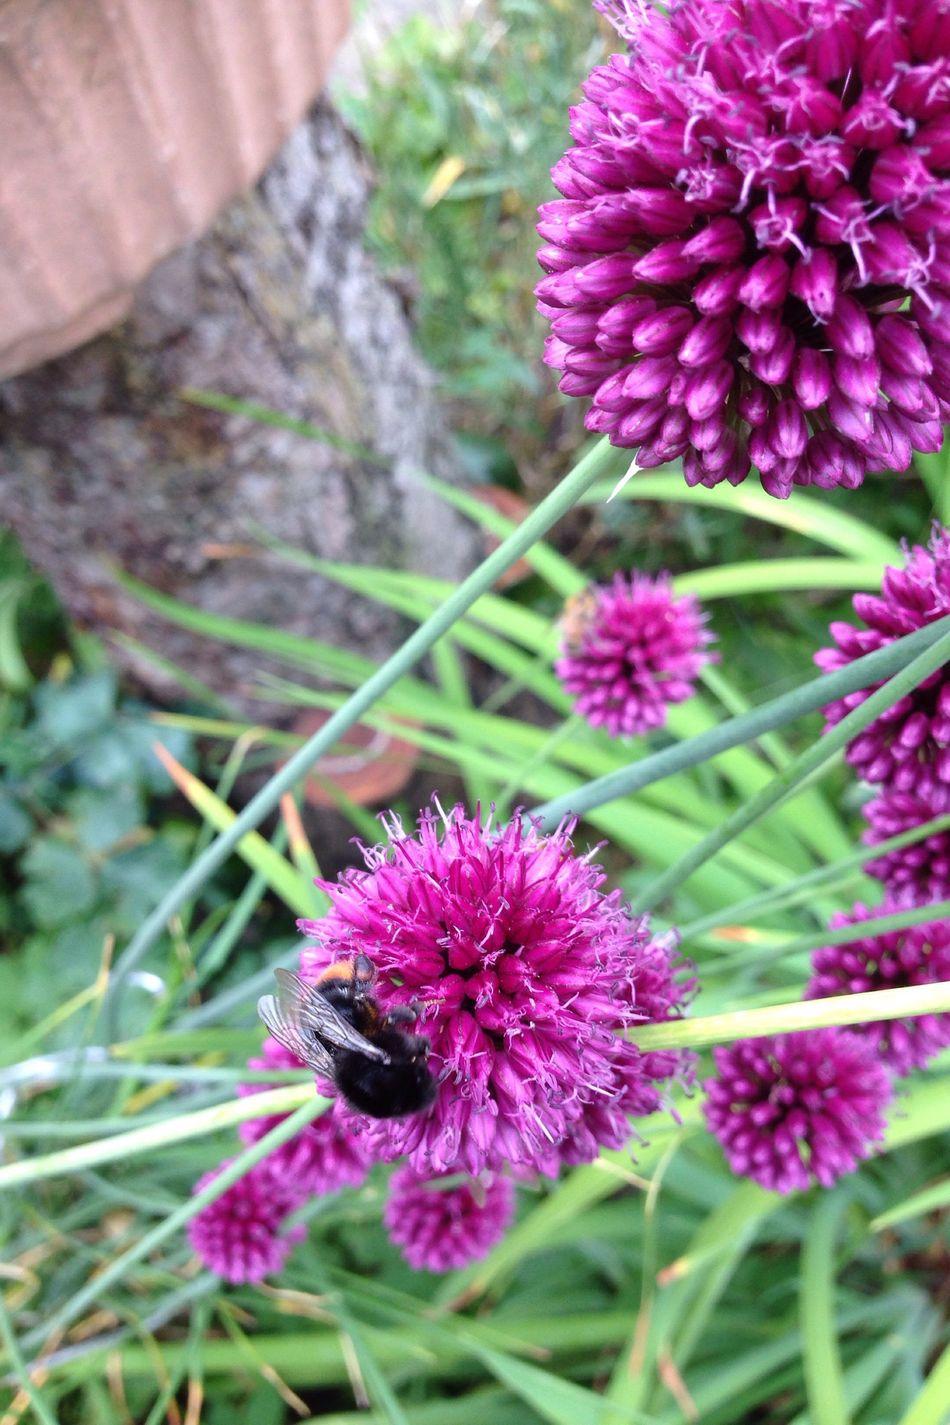 Bumblebee Bumble Bee Wildbee Wildbiene Wildbienen Garten Pflanze Natur Allium Sphaerocephalon Allium Flower Garden Garden Photography Zierlauch Kugellauch Lauch